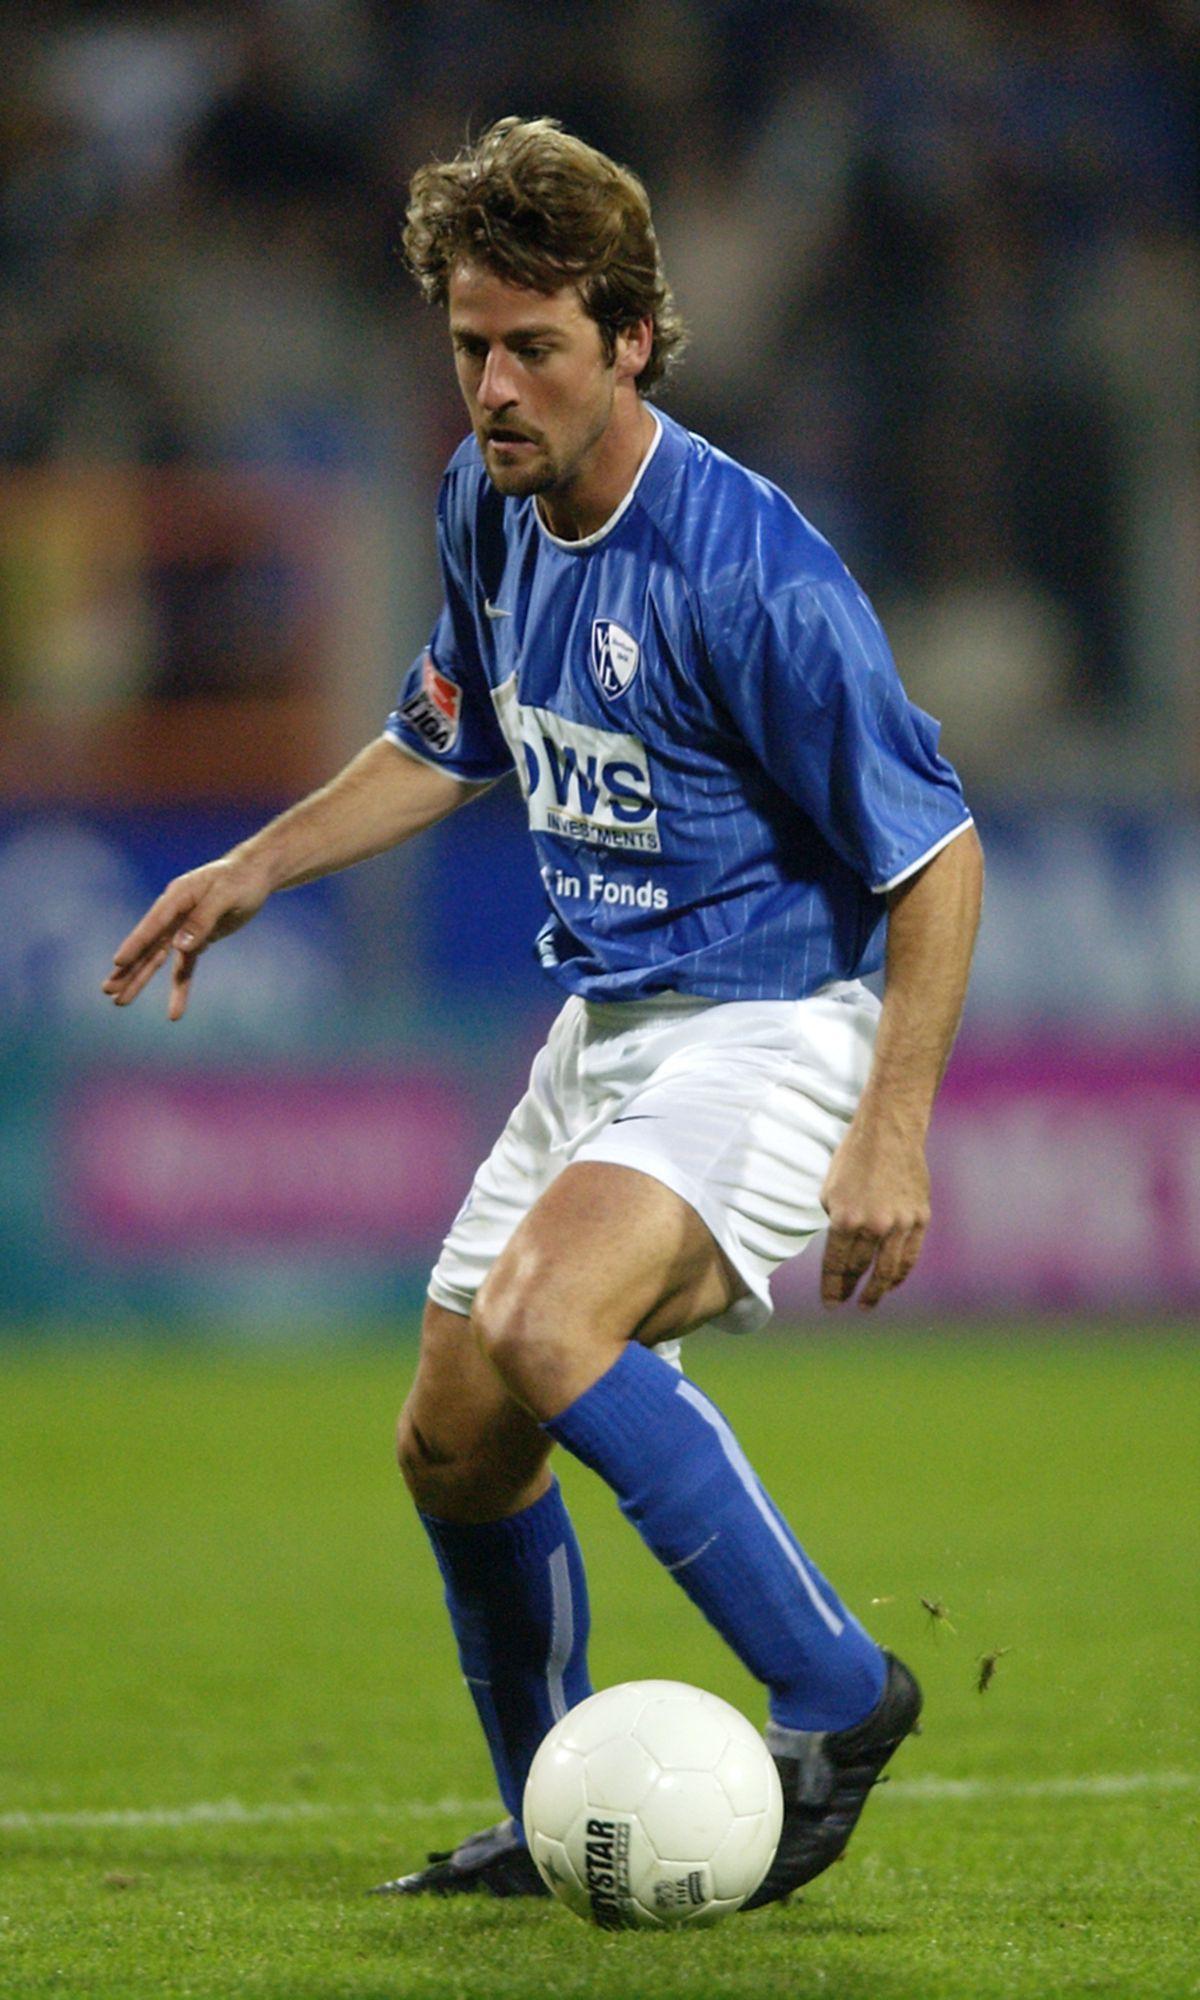 Thomas Christiansen of VFL Bochum